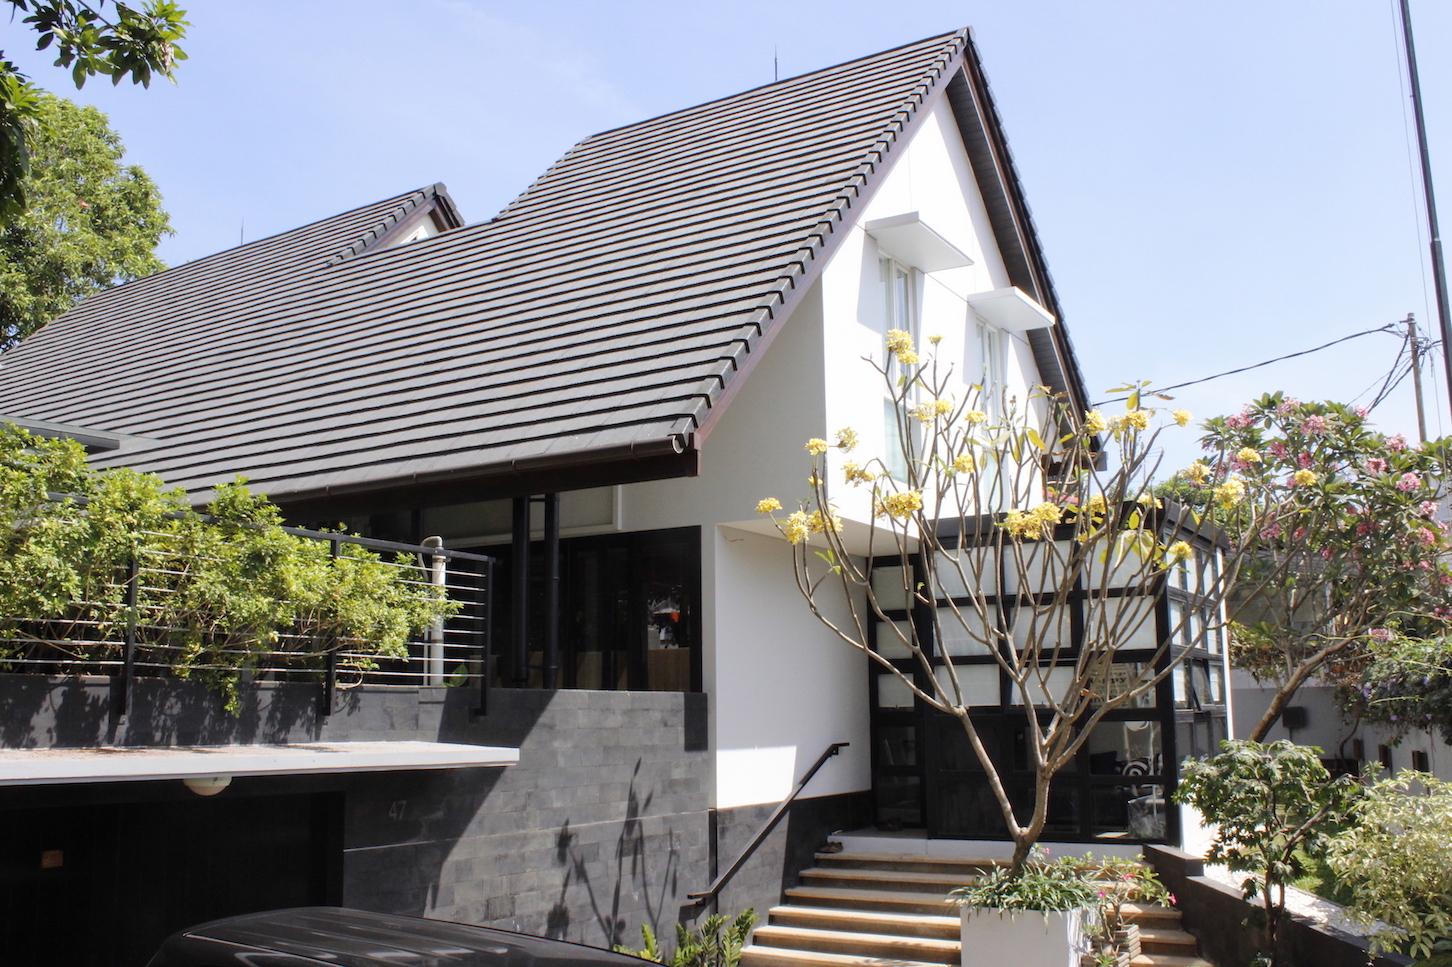 Cijantung House